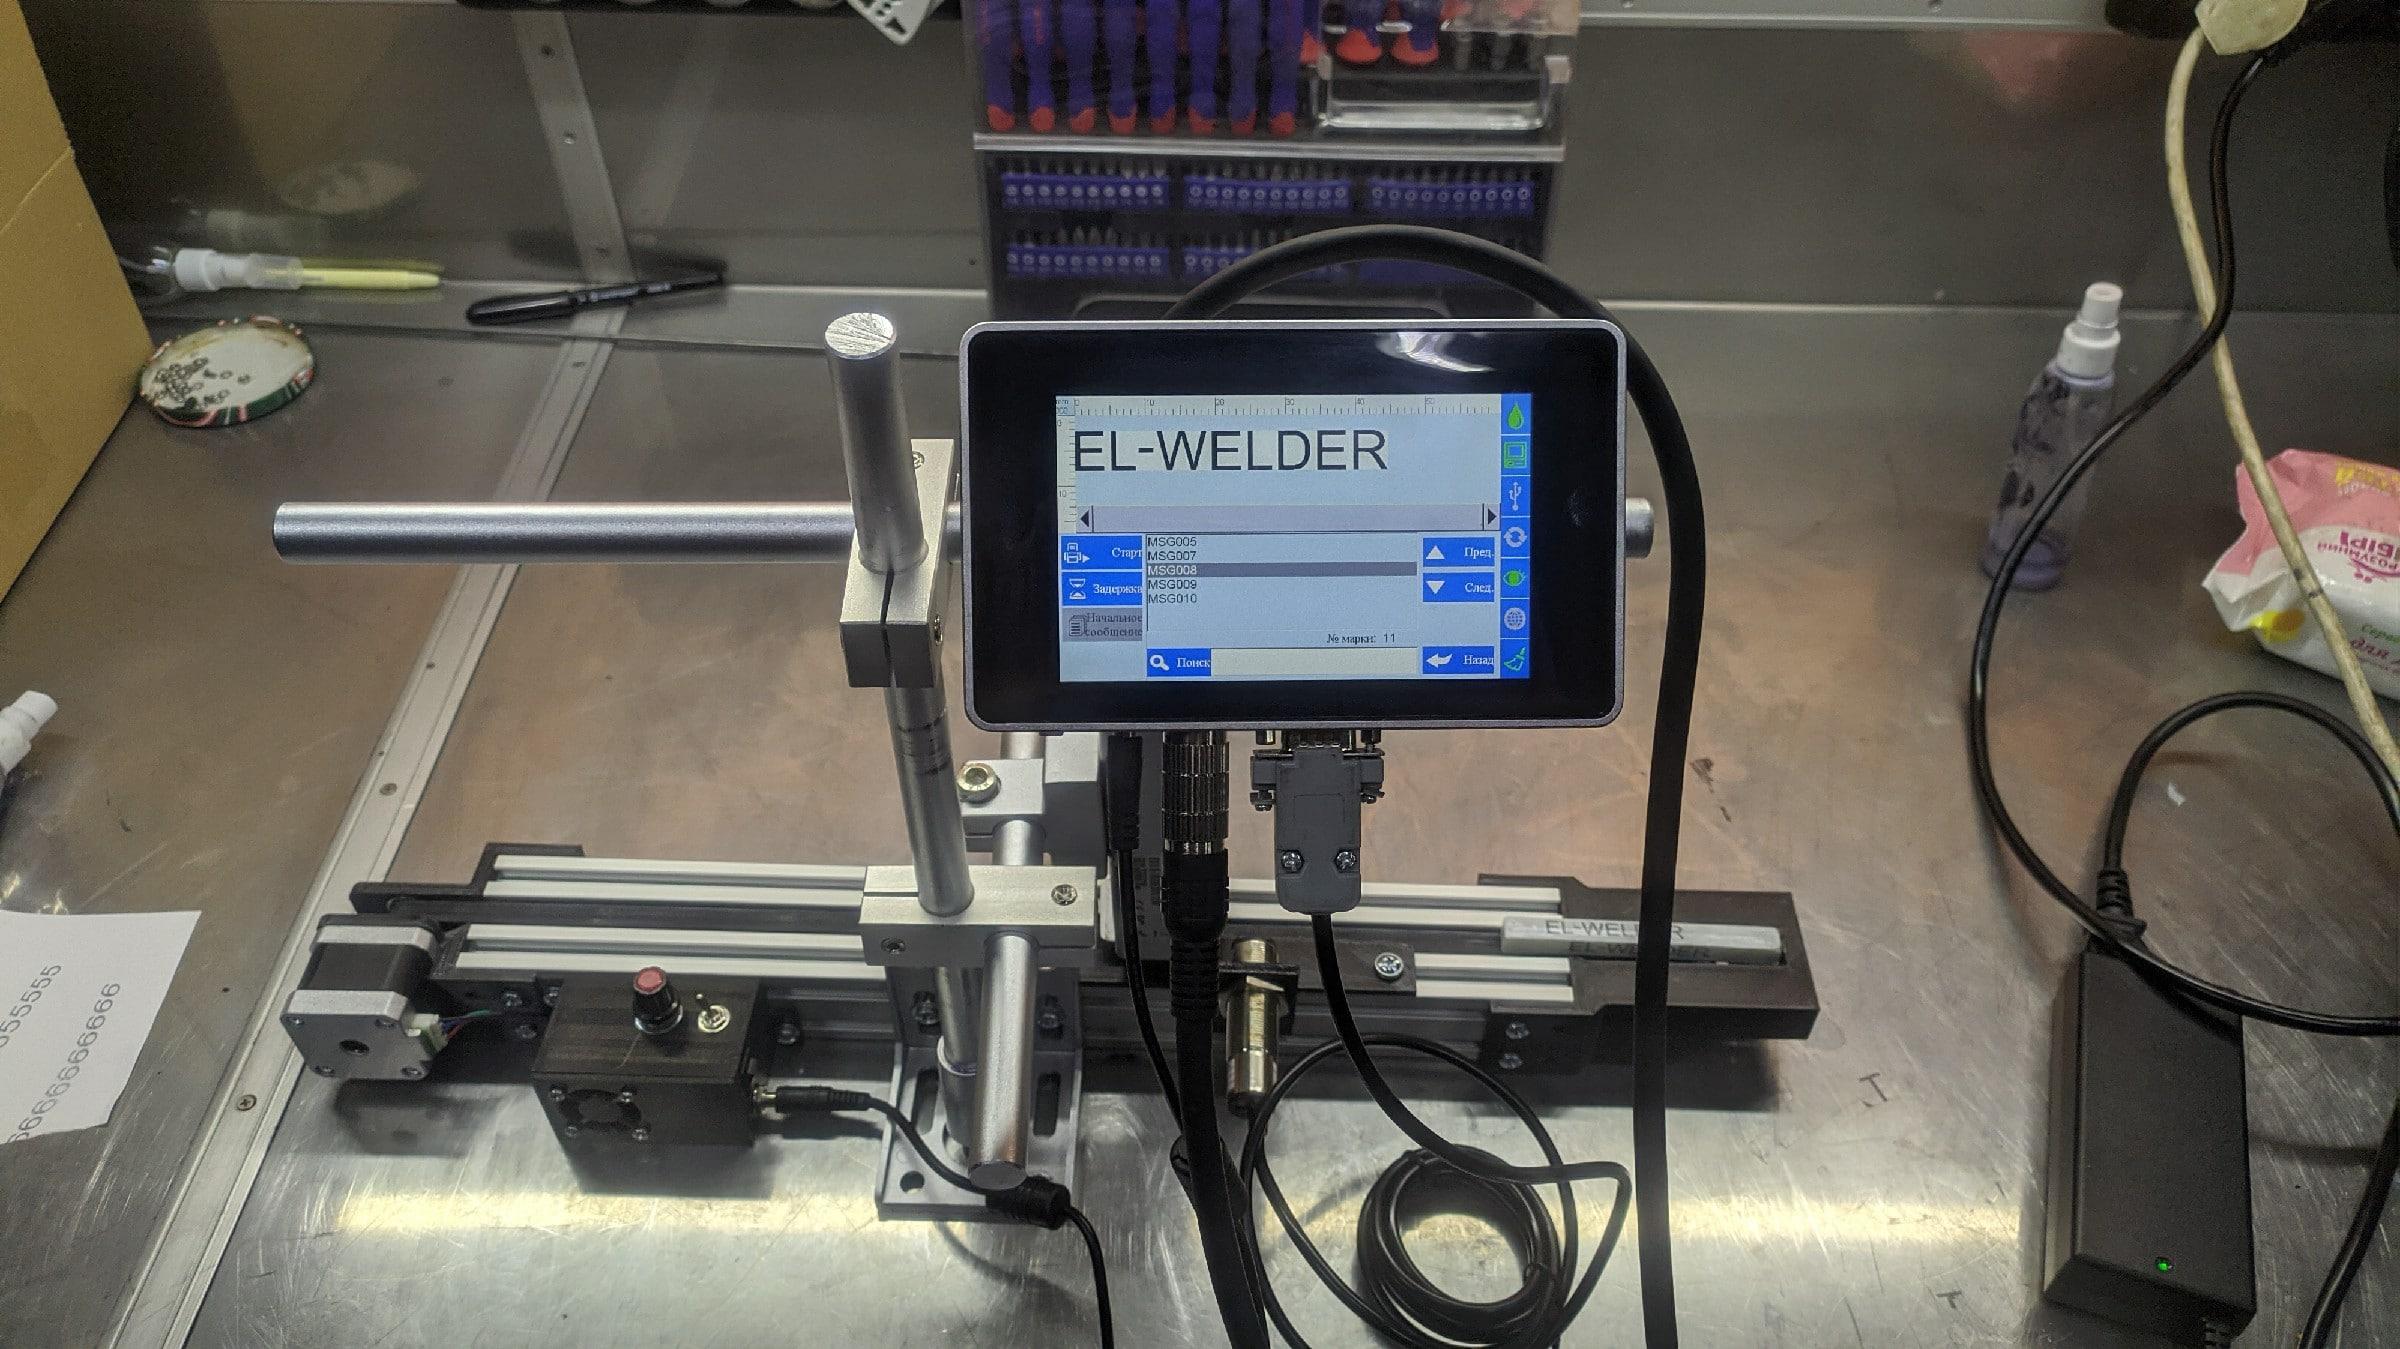 Микроконвейер разработки компании Elengi с маркиратором Sojet Elfin 1S